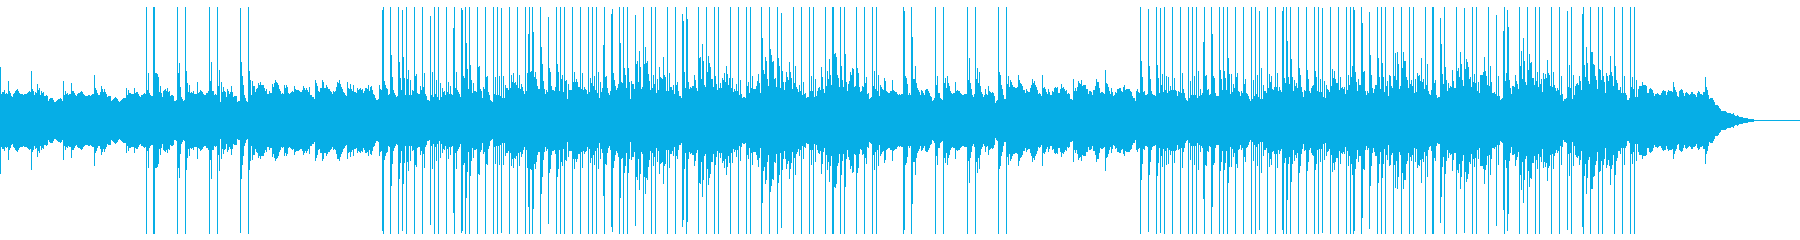 切ない ポップ トラップ リズム抜きの再生済みの波形